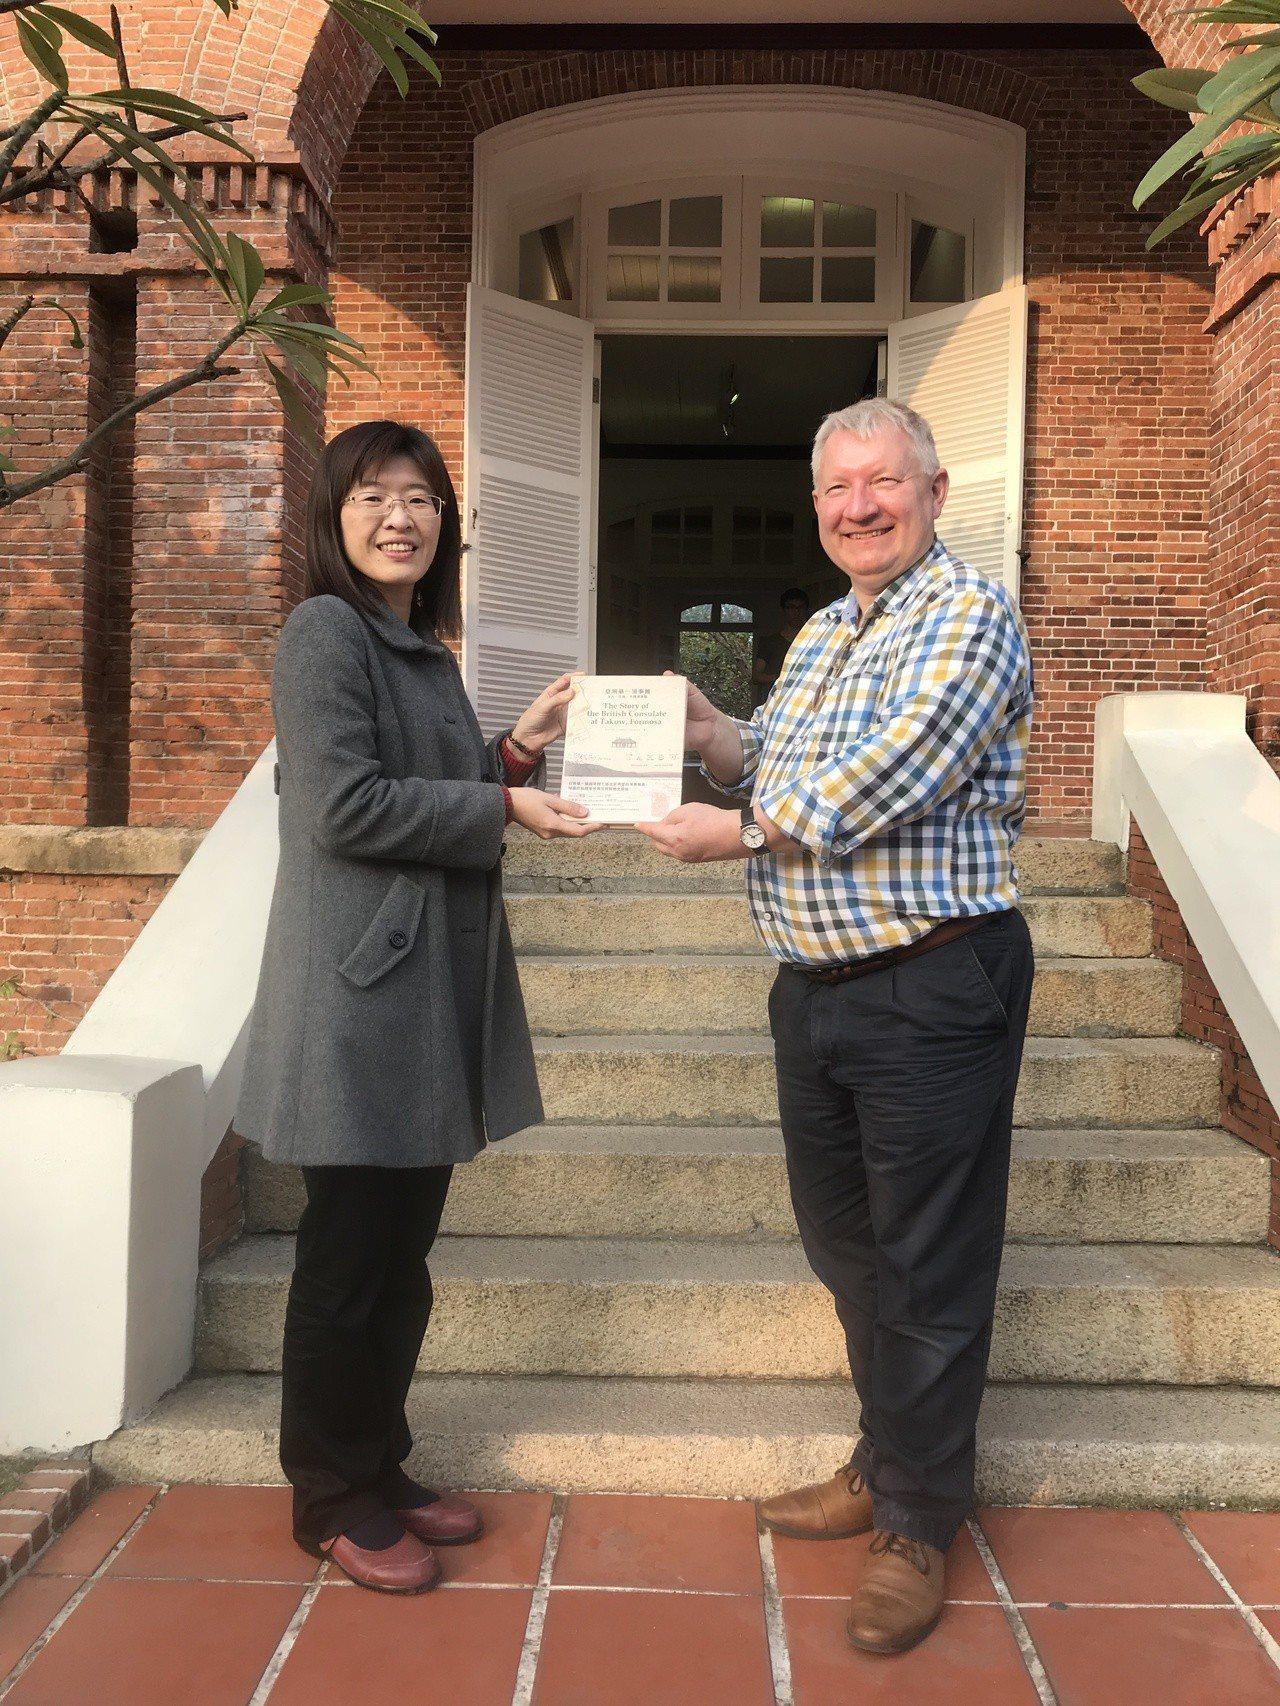 高雄市政府文化局特別贈以英國領事館研究專書,感謝史溫侯領事對台灣的諸多貢獻。圖/...